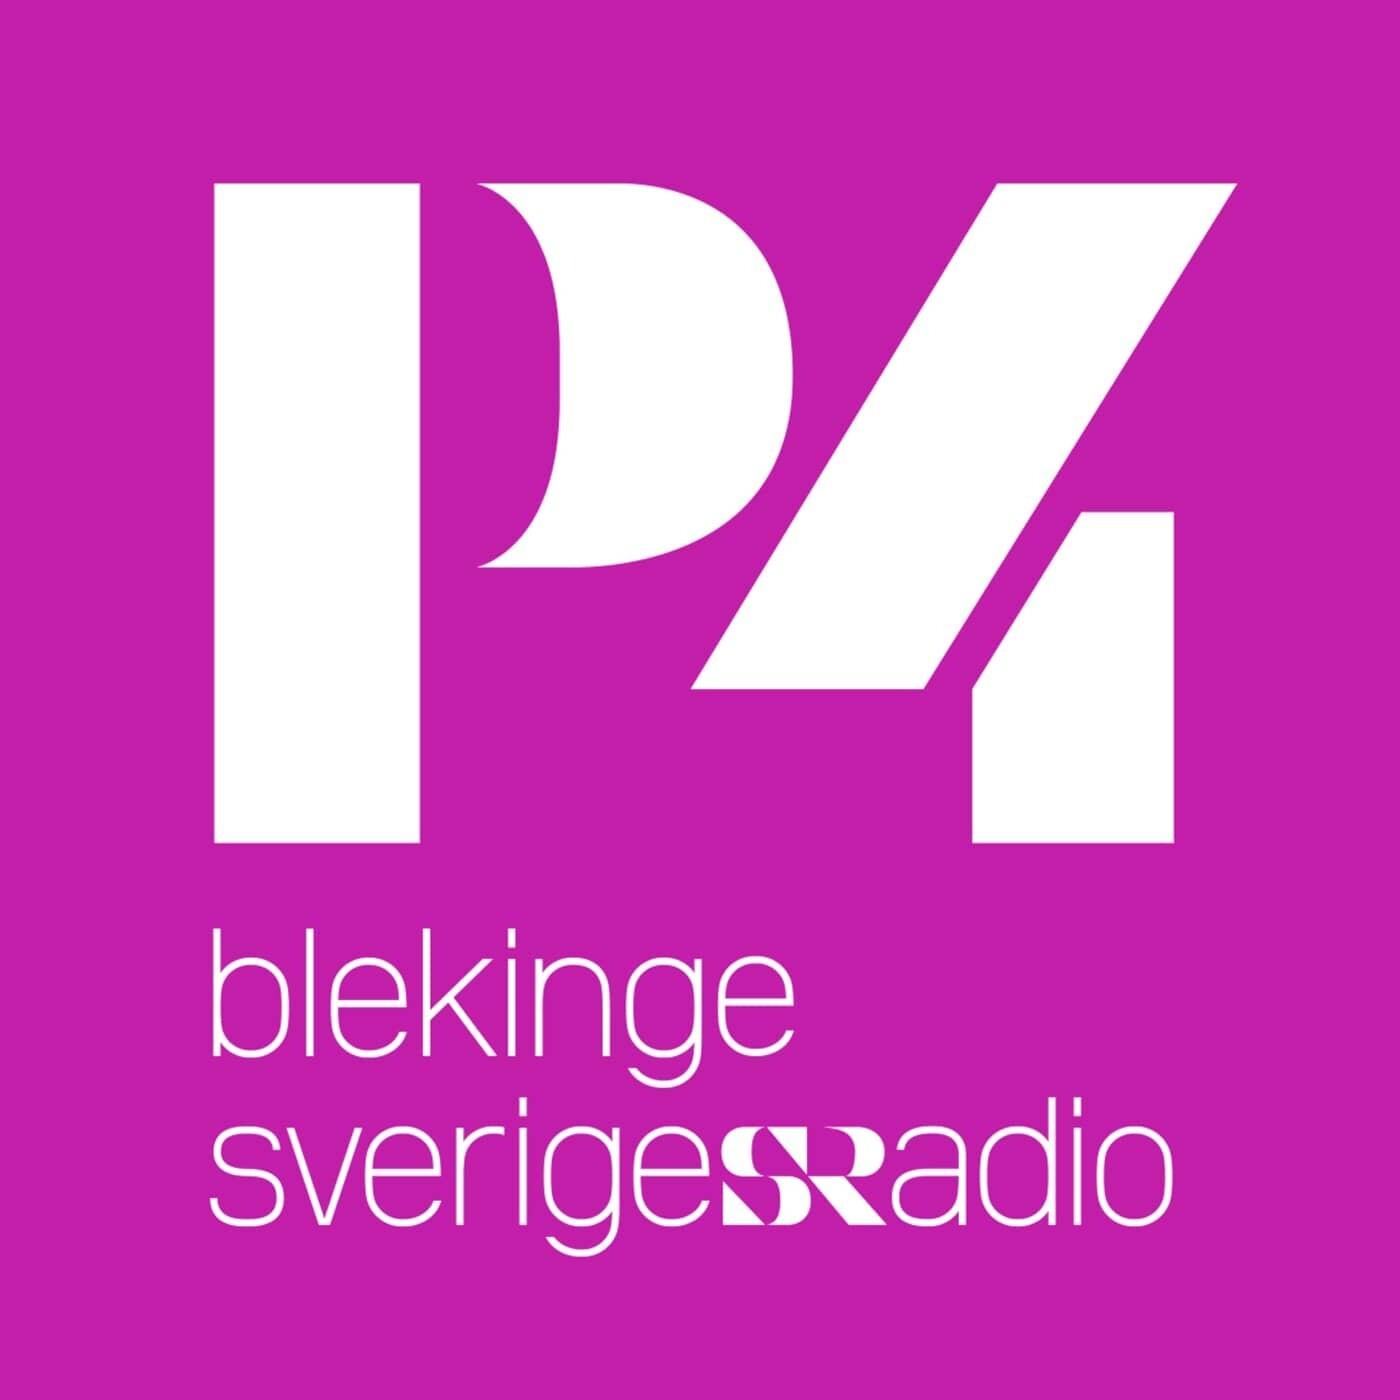 Nyheter från SR Blekinge 2020-10-21 kl. 07.30